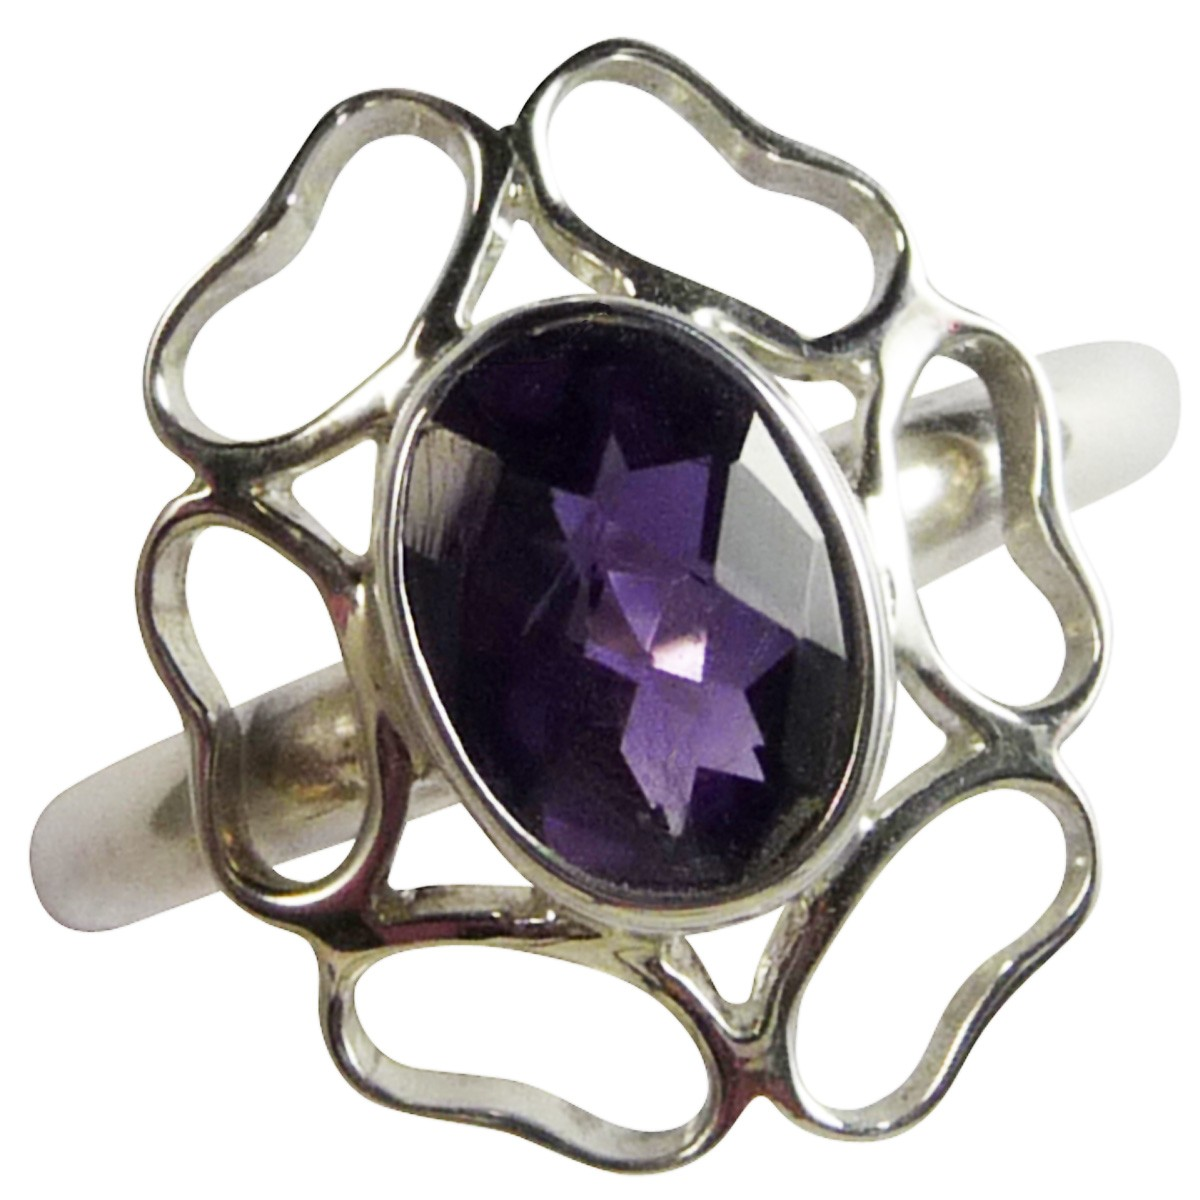 Bien-aimé Bagues en argent et améthyste - Bagues améthyste- Bague violette  JR66